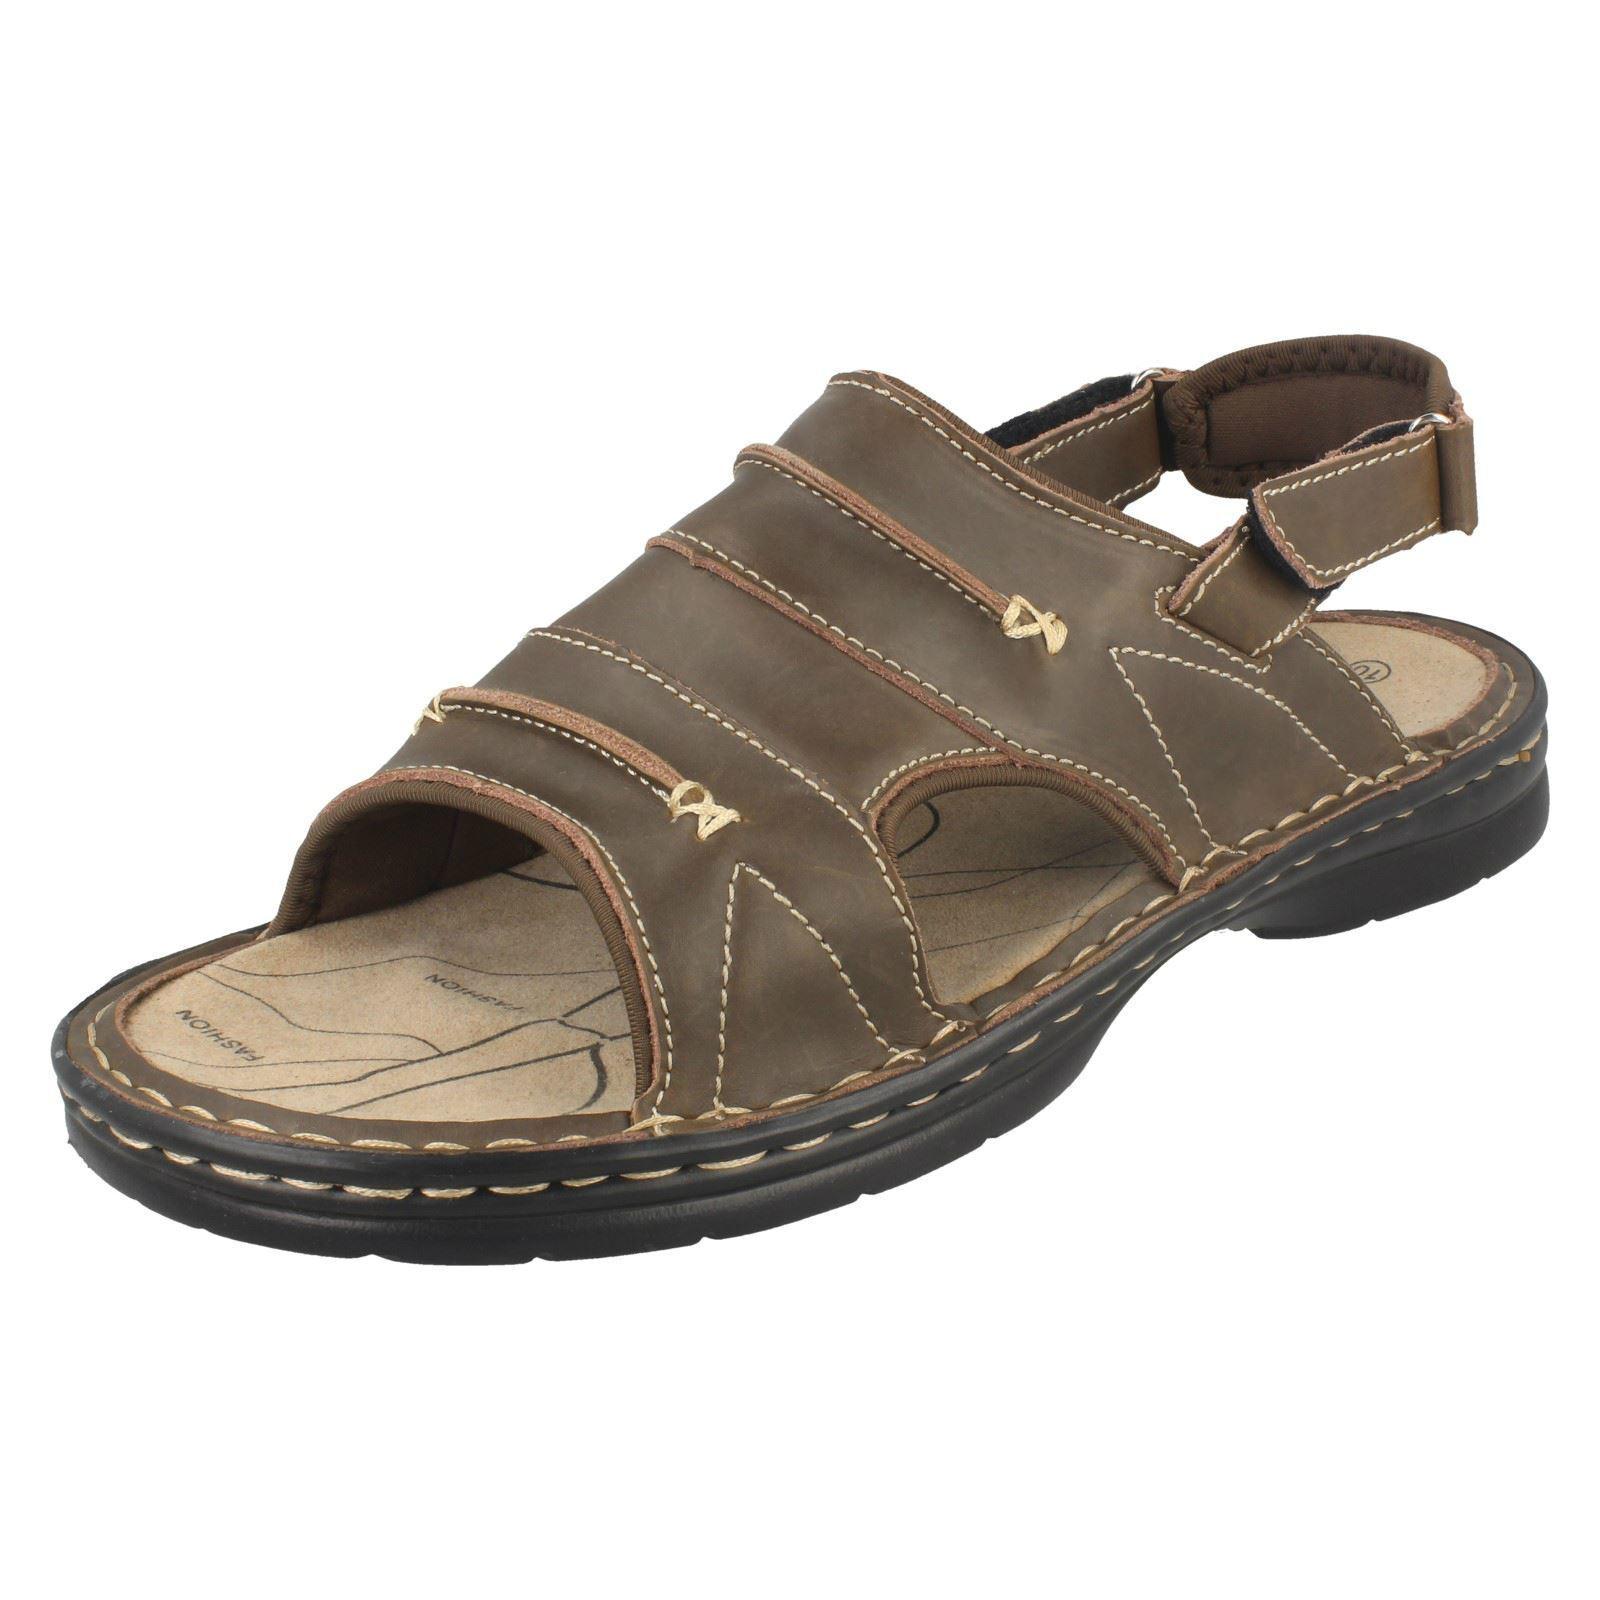 Mens Northwest Territory Mule Style Front Hook & Loop Leather Sandals Savanna